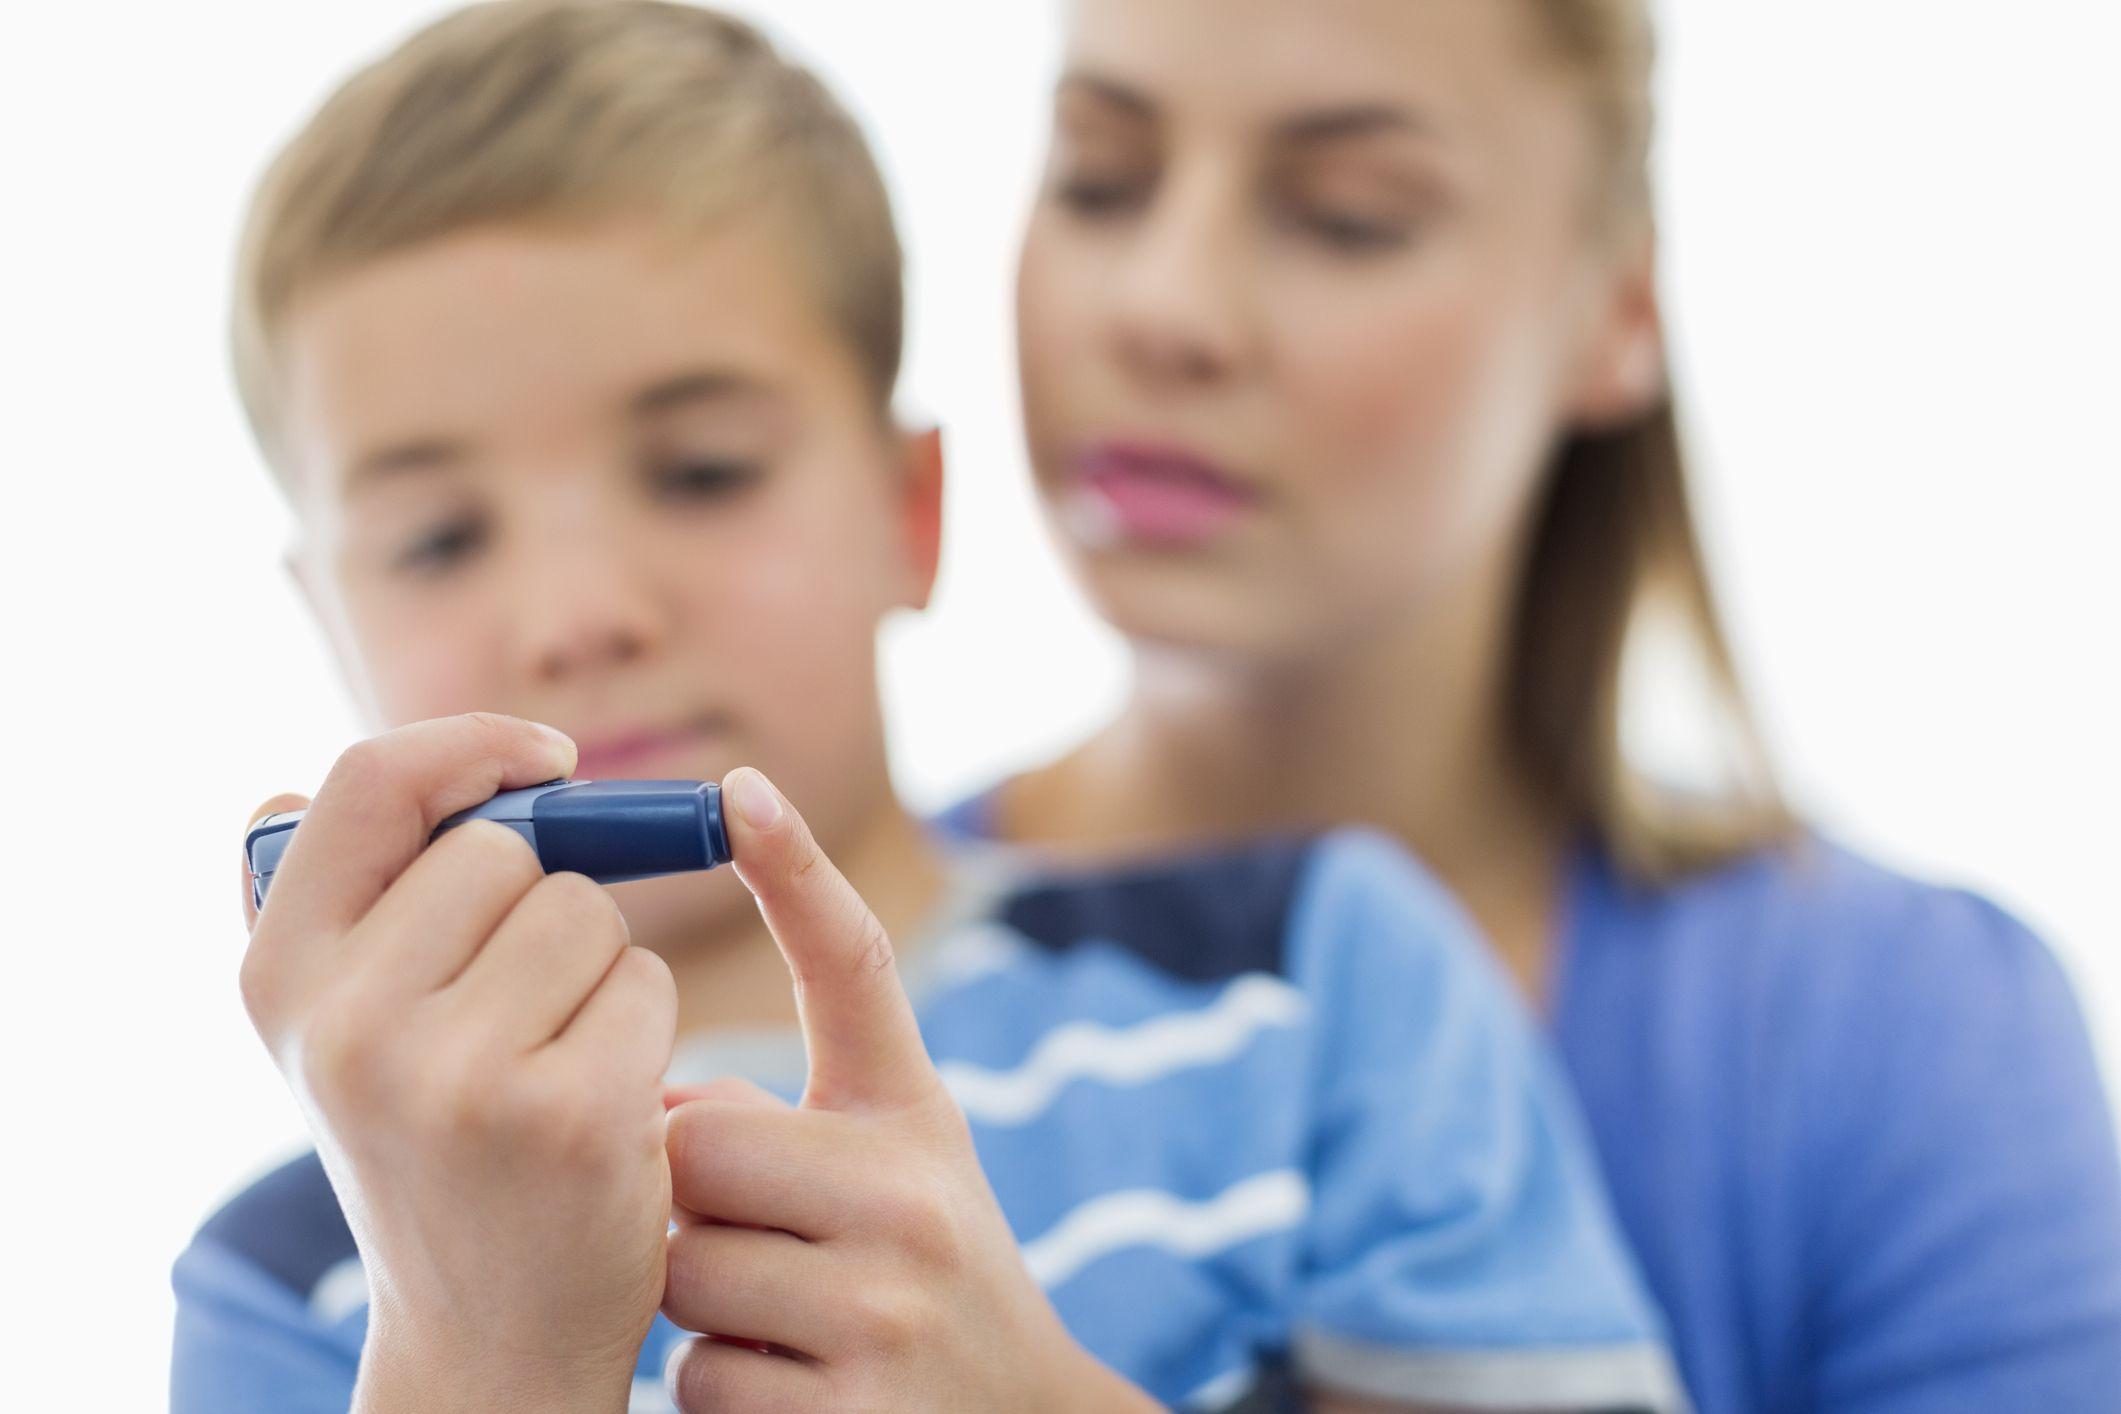 Mom helping son test blood sugar